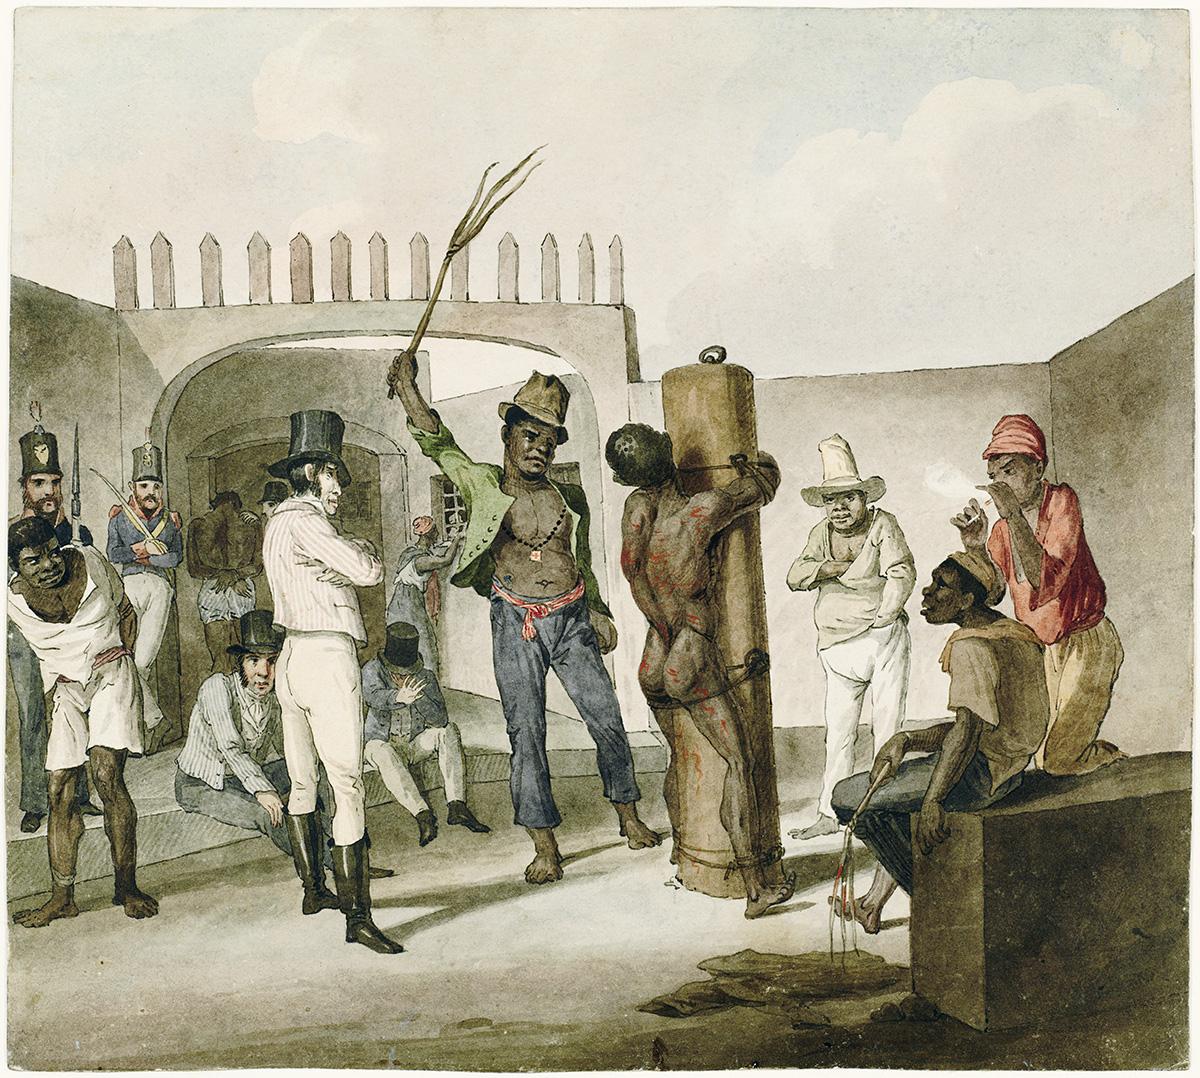 """""""As punições no Calabouço são tão assustadoramente severas, que nenhum senhor humano mandaria para lá um escravo que não fosse irremediável"""", escreveu o inglês John Luccock, que viveu na cidade do Rio de Janeiro no começo do século XIX"""